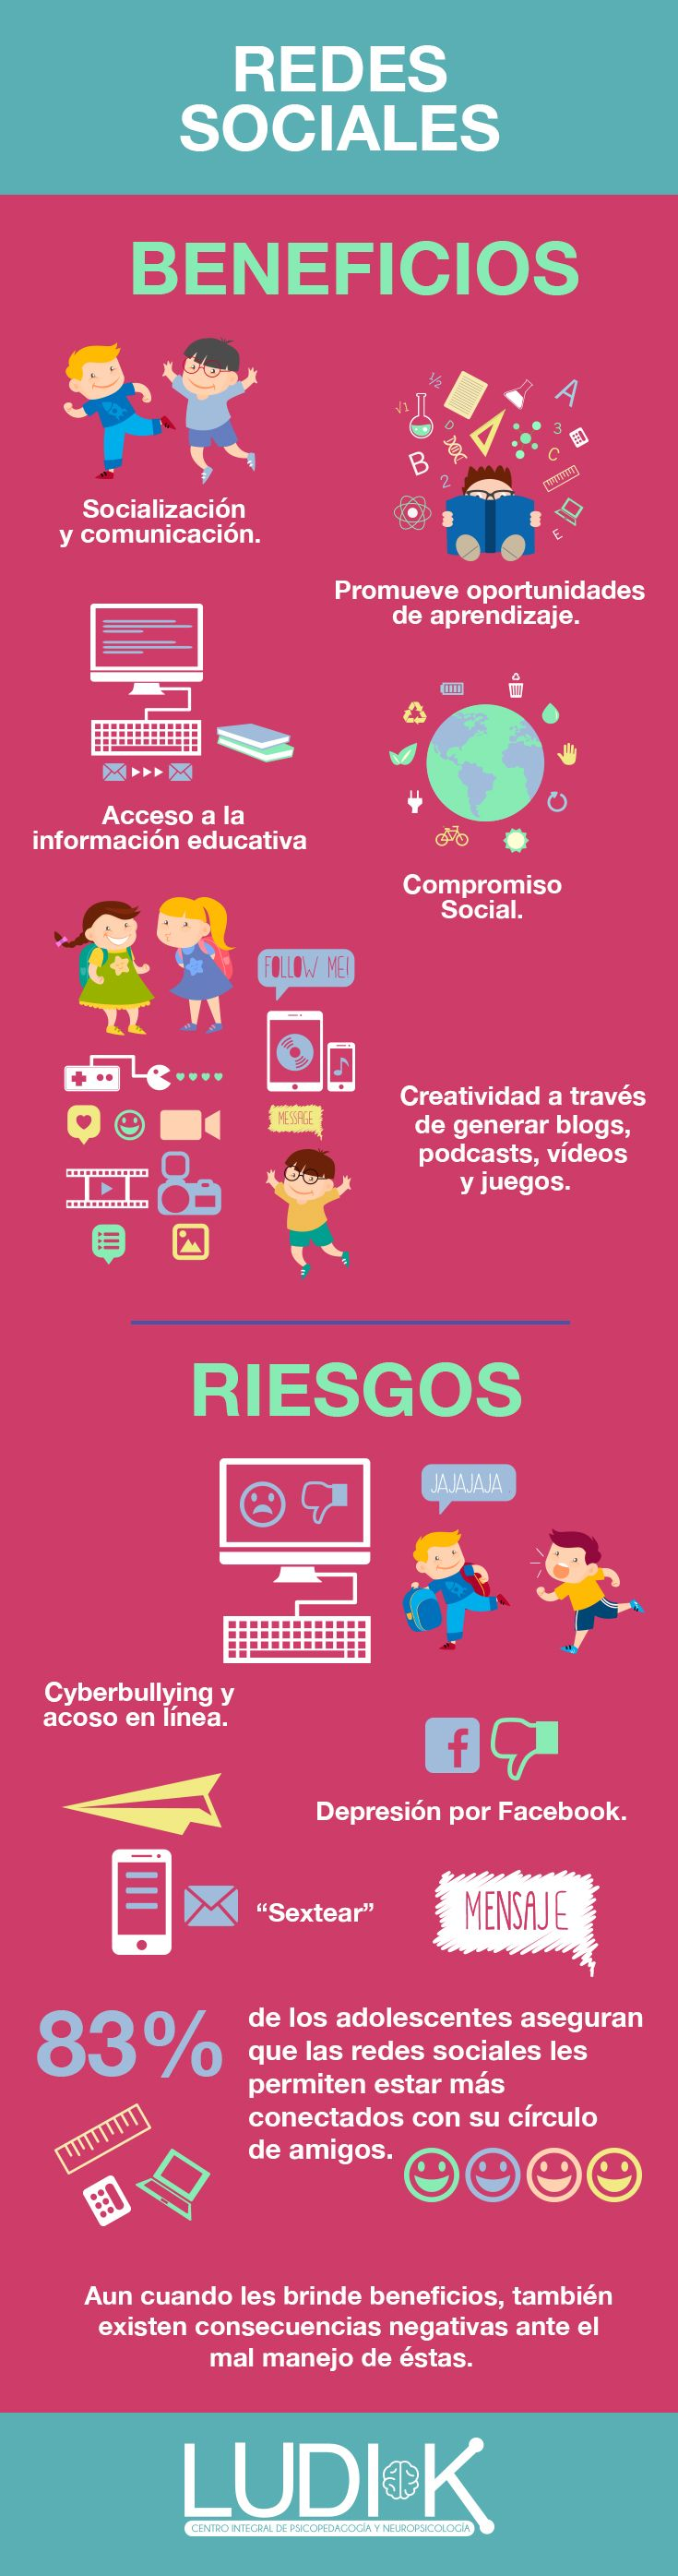 Riesgos Y Beneficios Del Uso De Redes Sociales Redesociales Psicología Niños Pedagogía Ludik Infografia Redes Sociales Infografia Psicologia